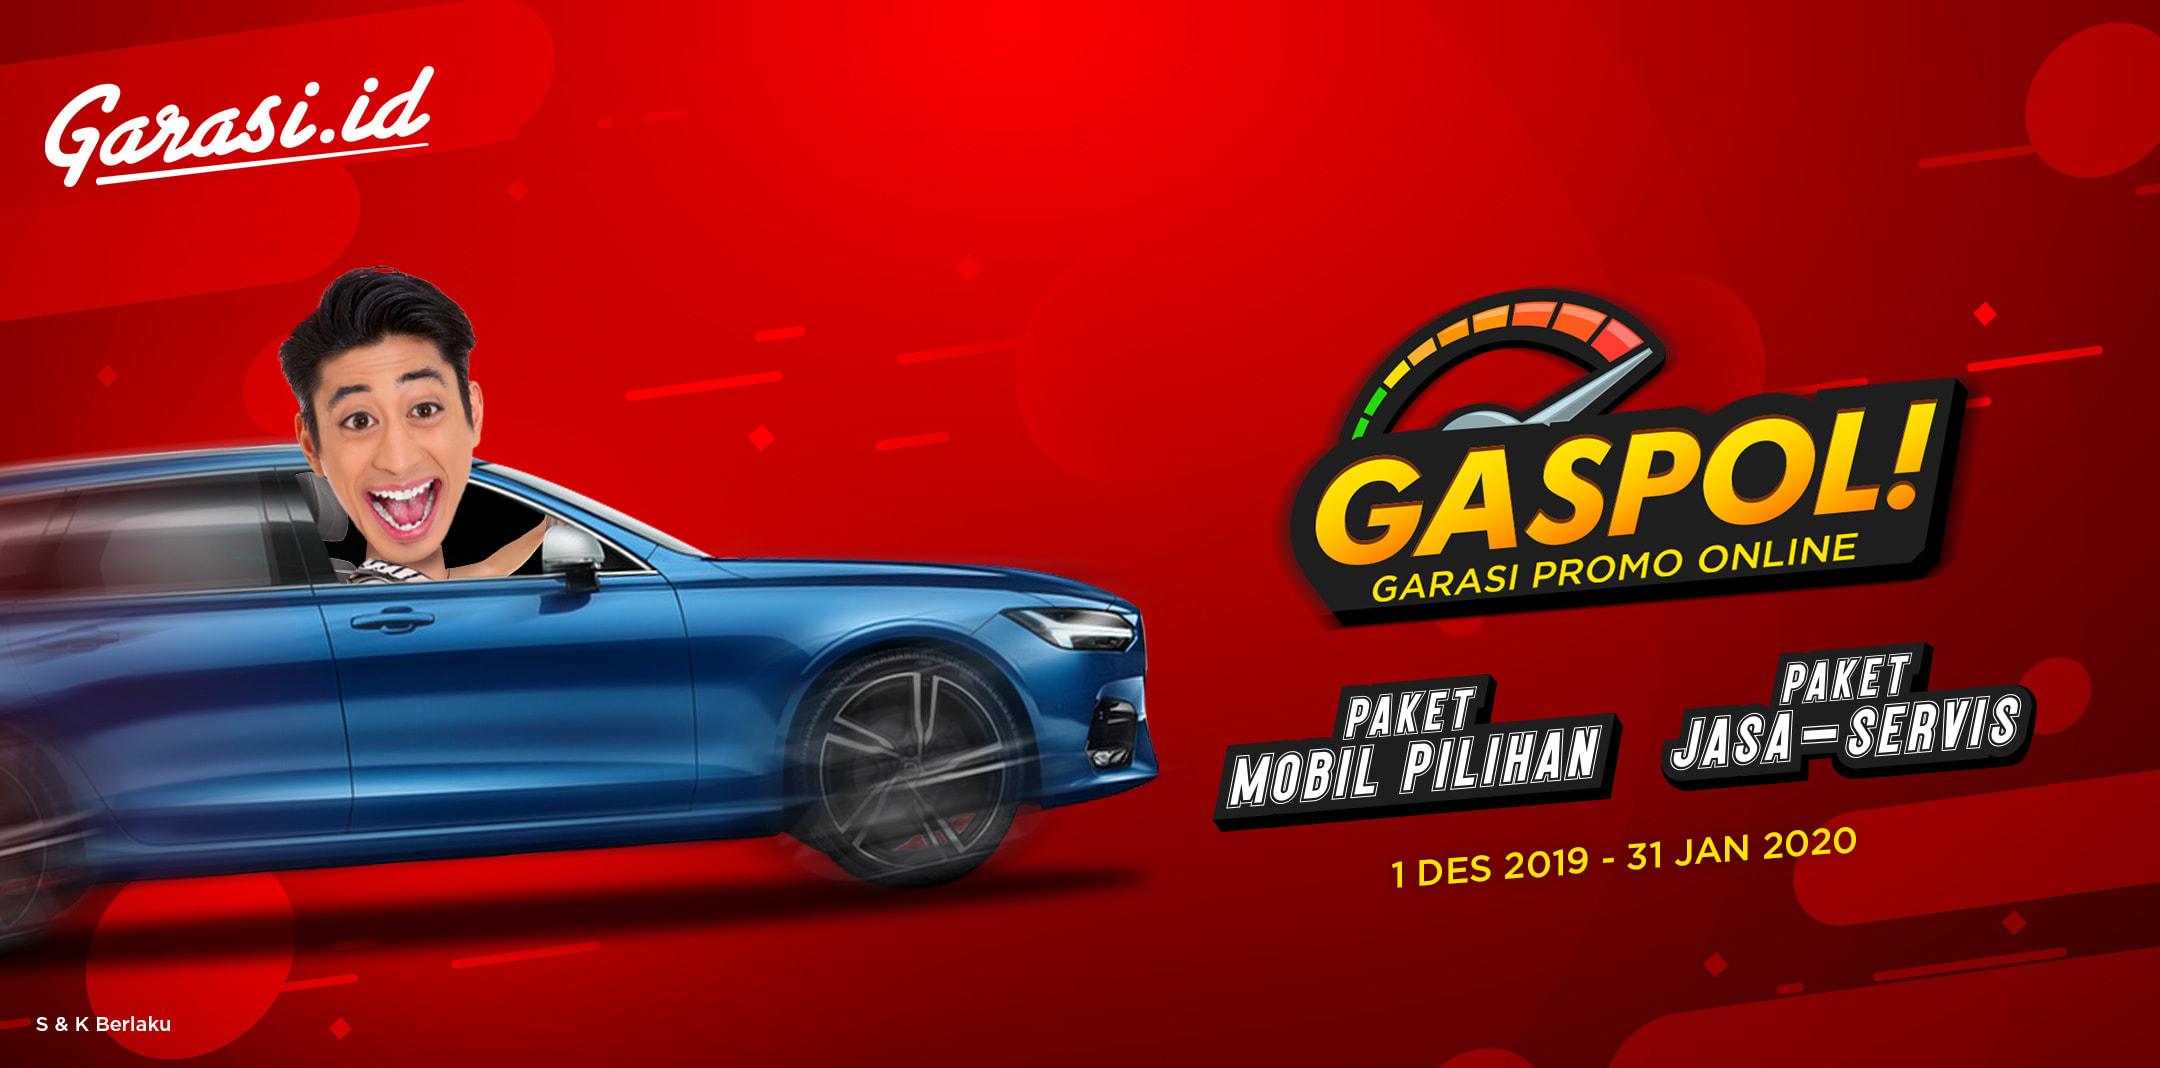 GASPOL (Garasi Promo Online )